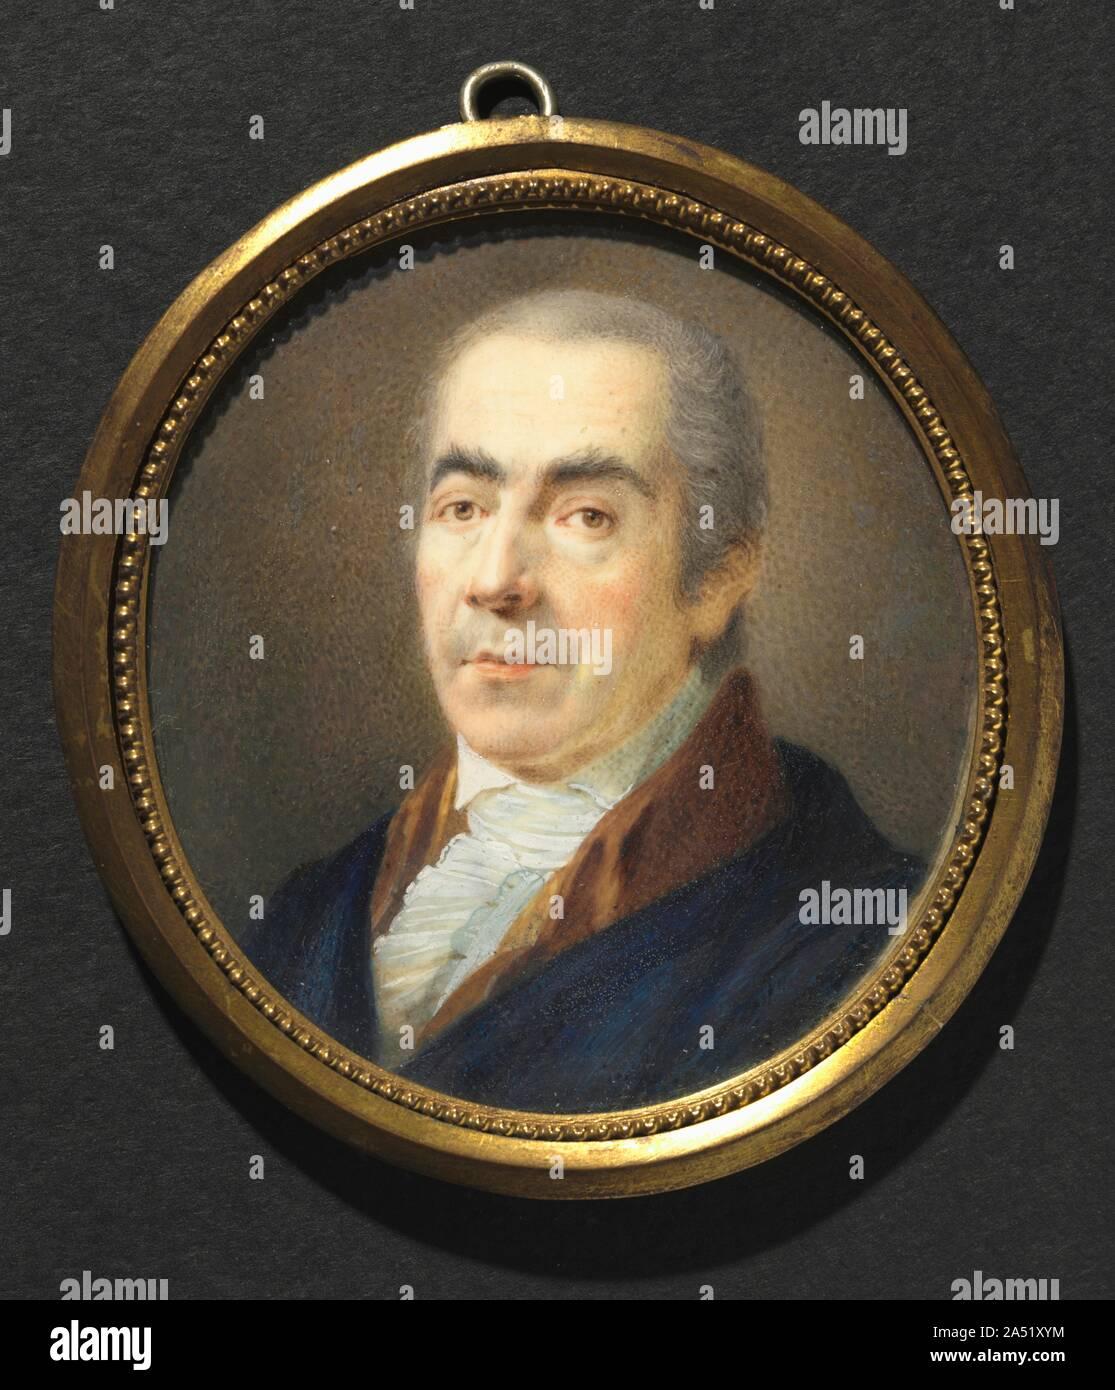 Portrait of a Man, c. 1795. Stock Photo